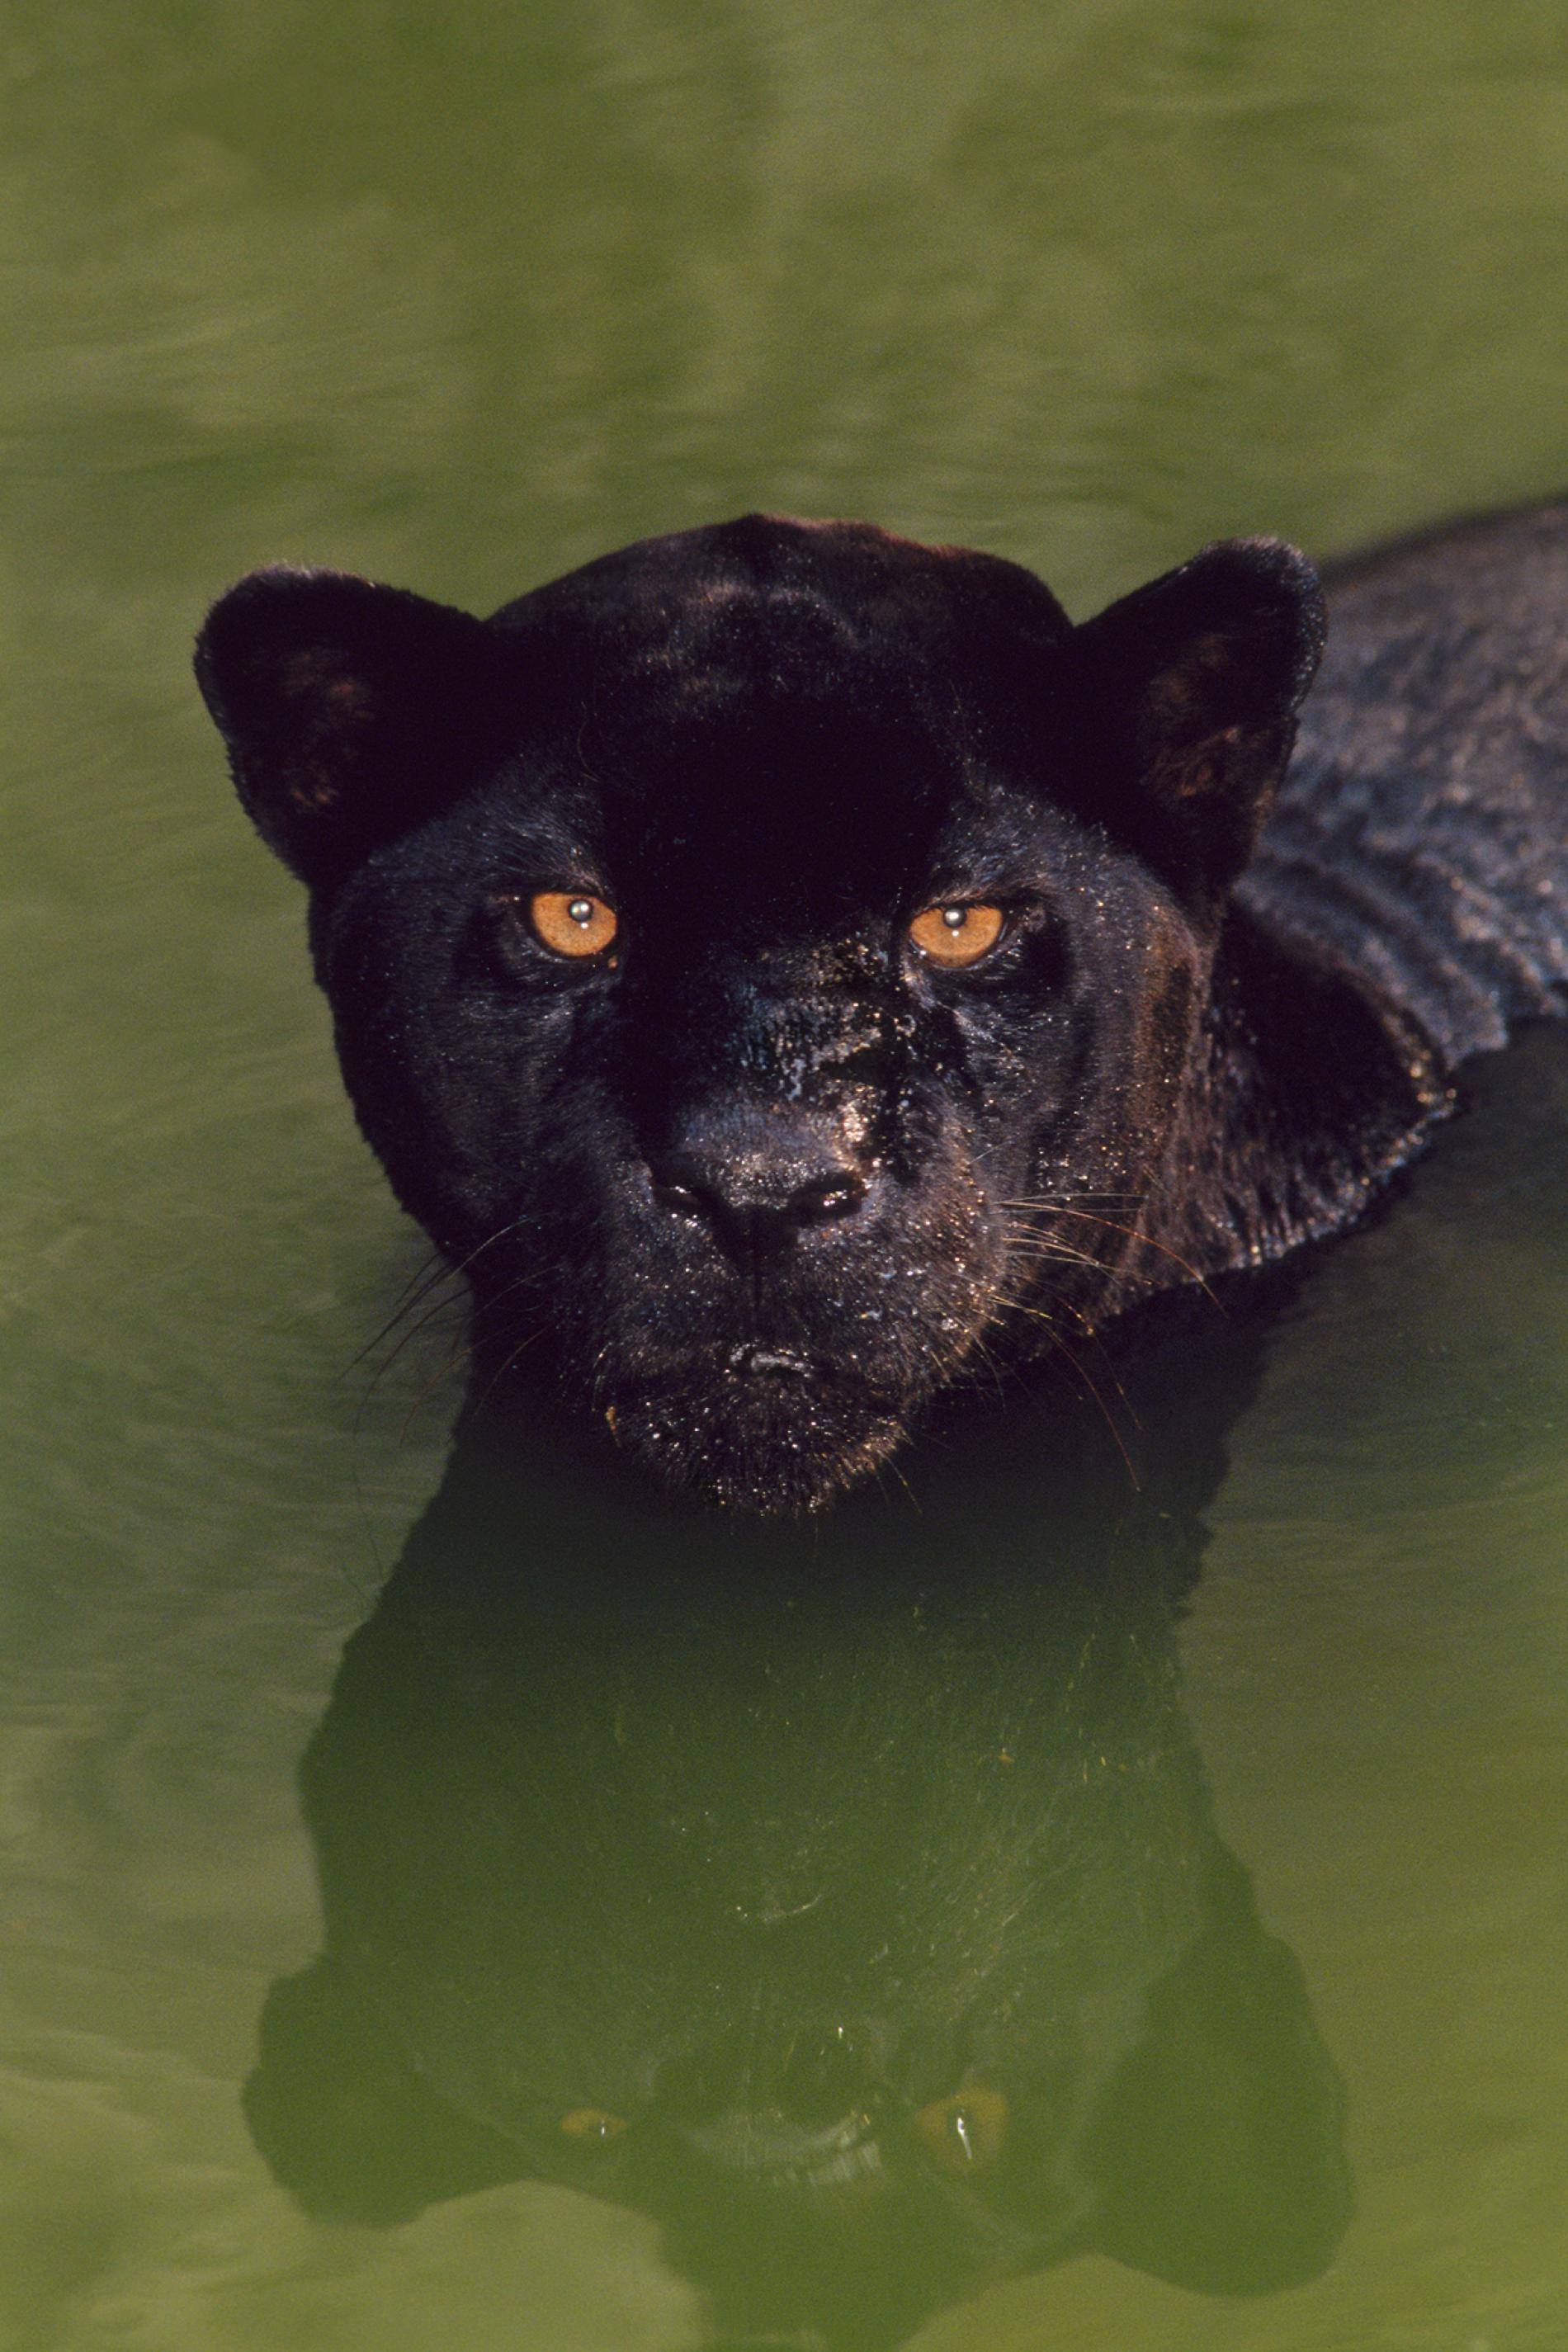 一隻黑色美洲豹在巴西游泳。「黑豹」(black panther)這個專有名詞是一個概括性術語,涵蓋了14種會有黑化症的野生貓科物種。PHOTOGRAPH BY FRANS LANTING, NAT GEO IMAGE COLLECTION